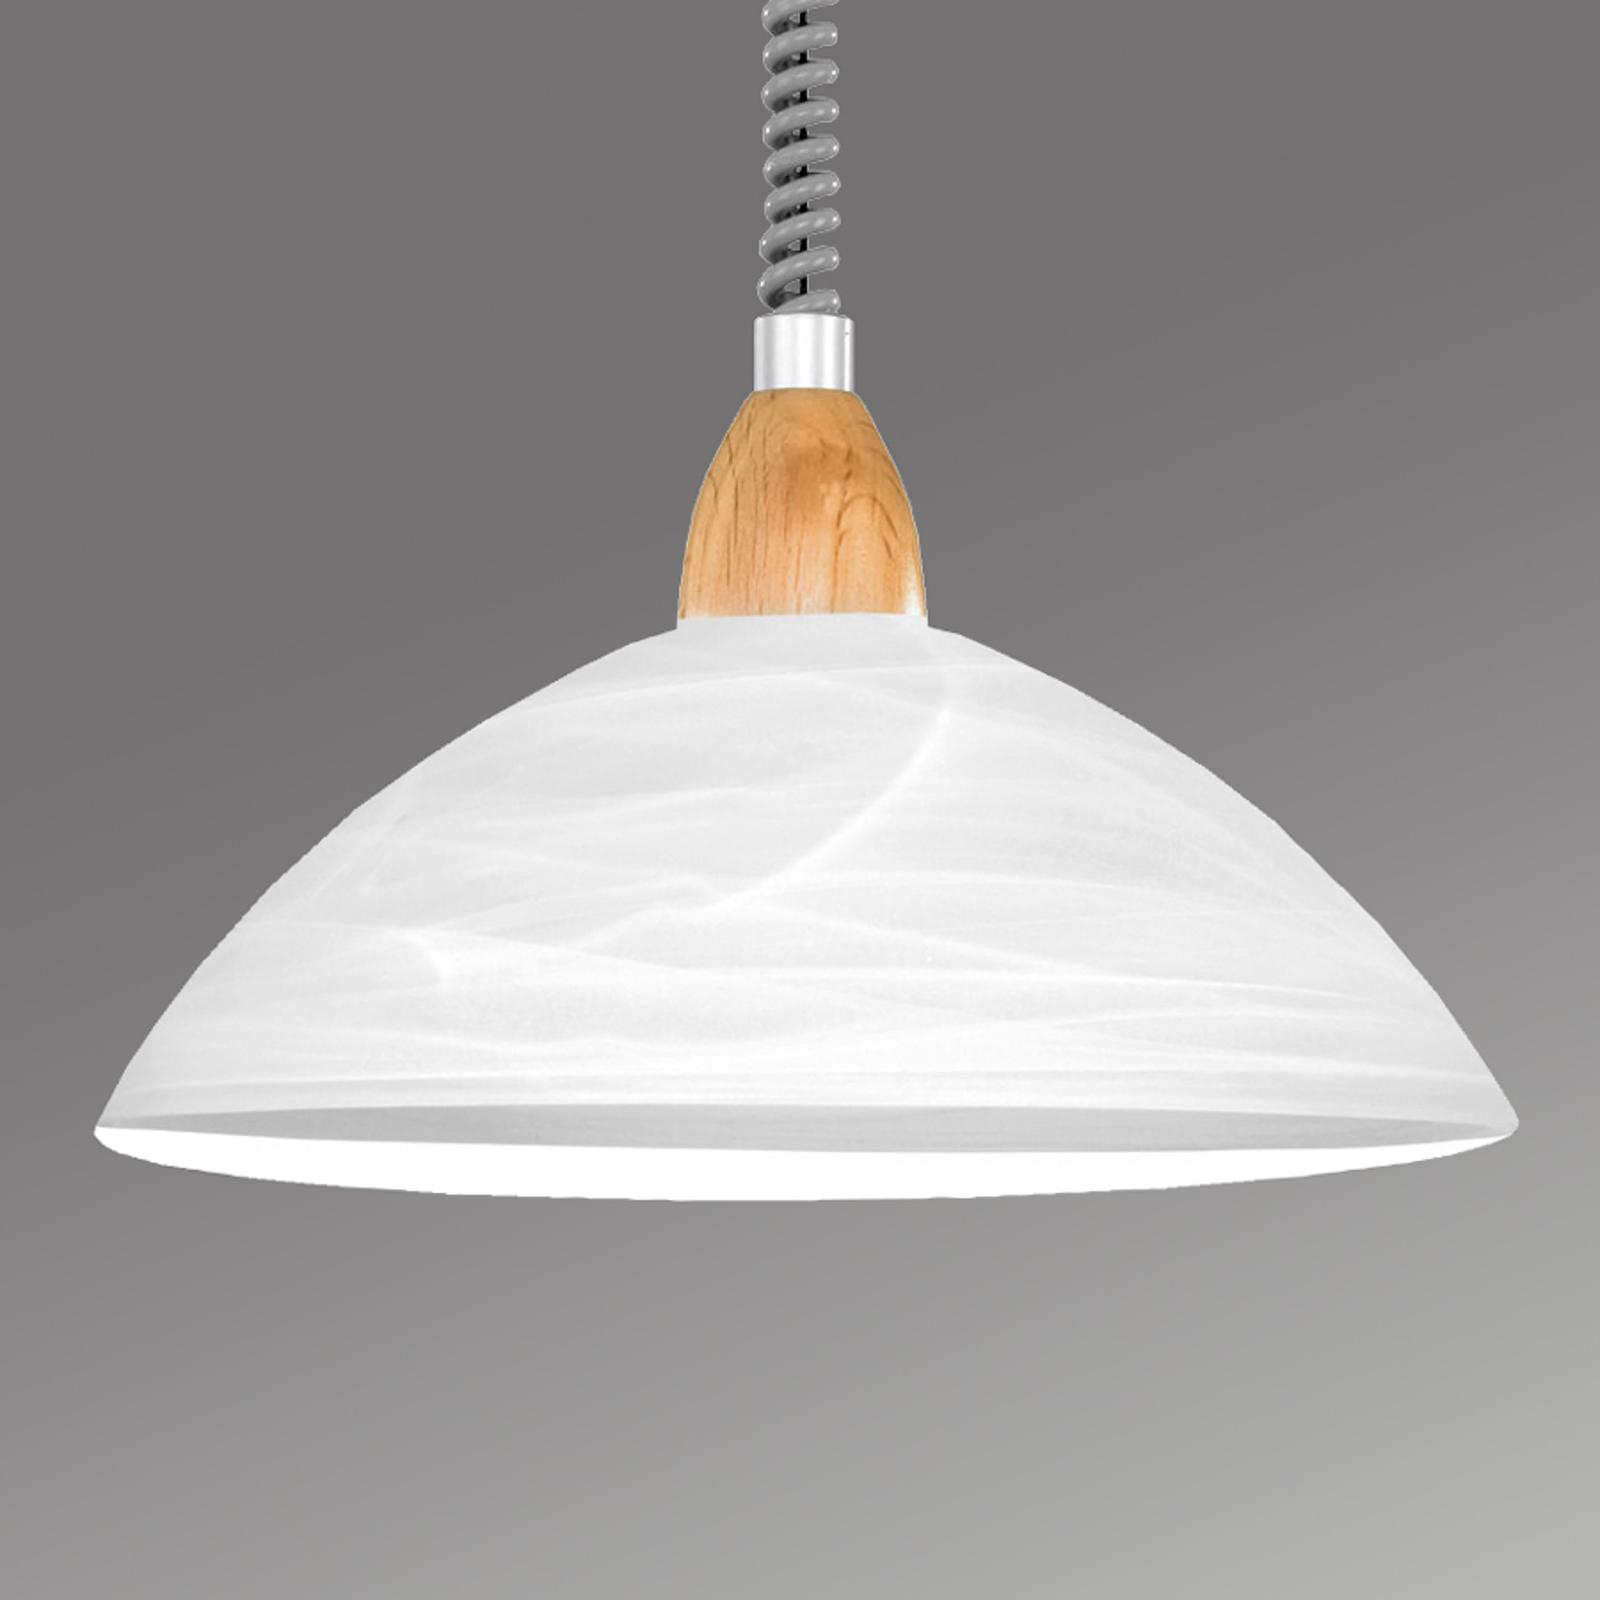 Hanglamp Lara 2 beuken